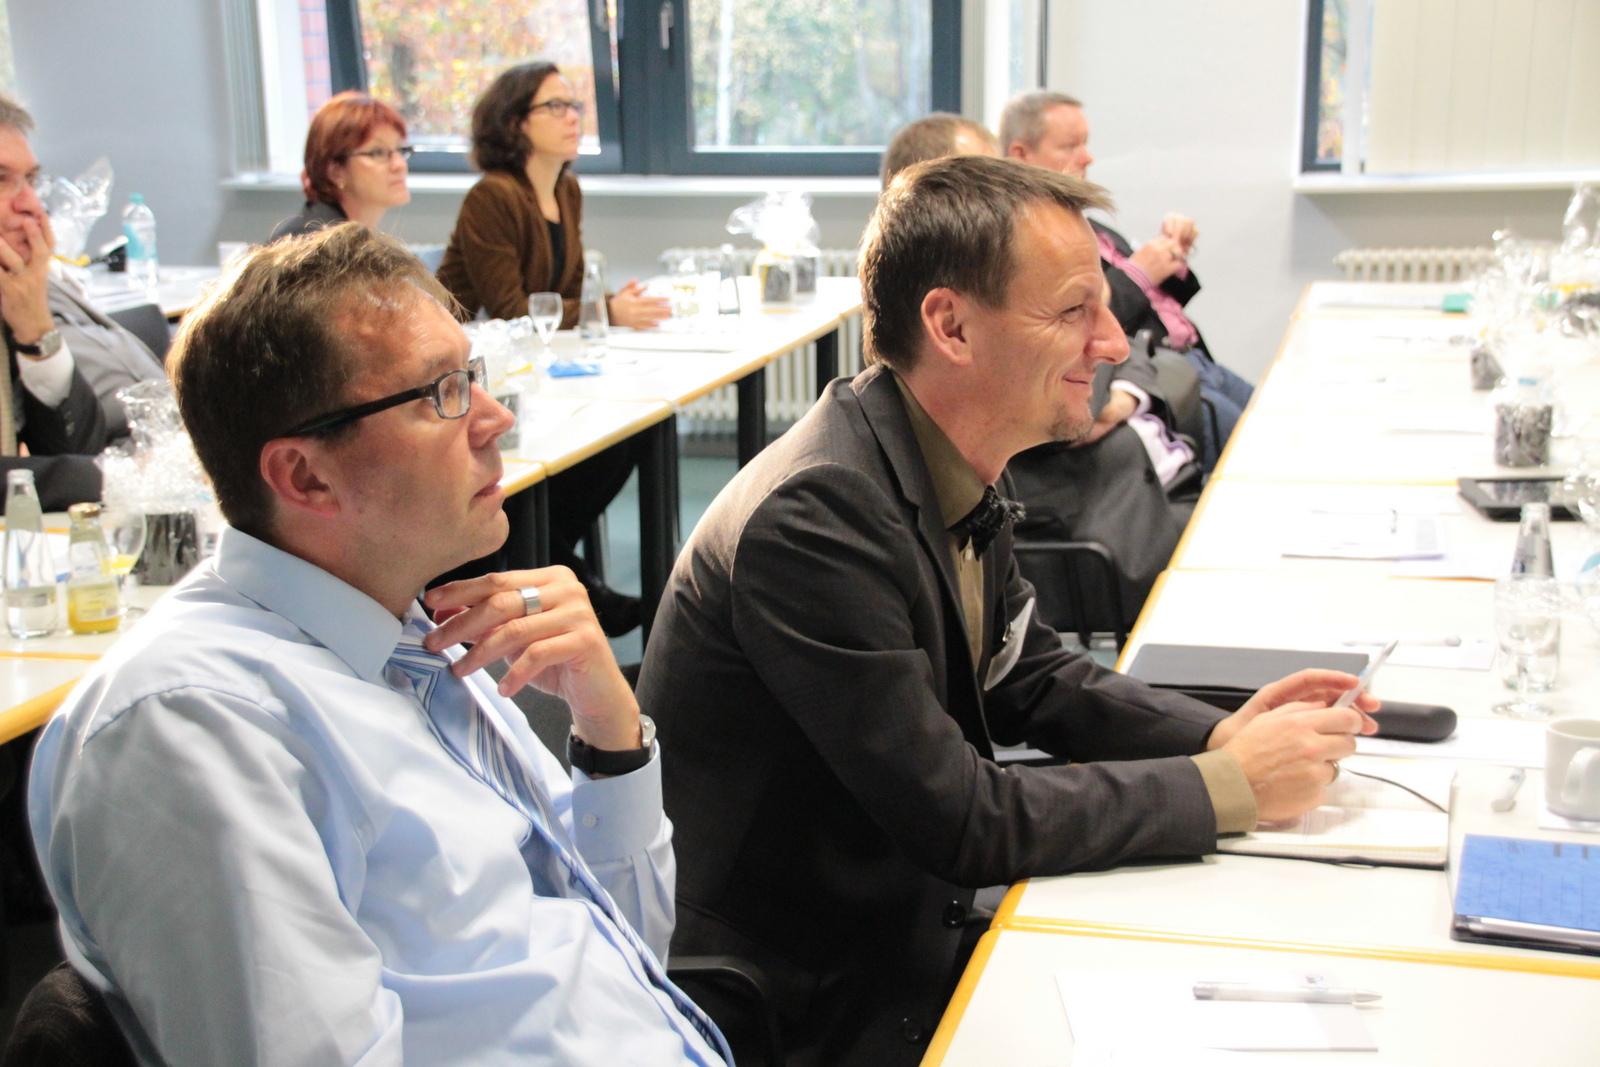 Geschäftsführer Jürgen Hohnl und Netzwerker aus den Innungskrankenkassen hören dem Referenten zu.